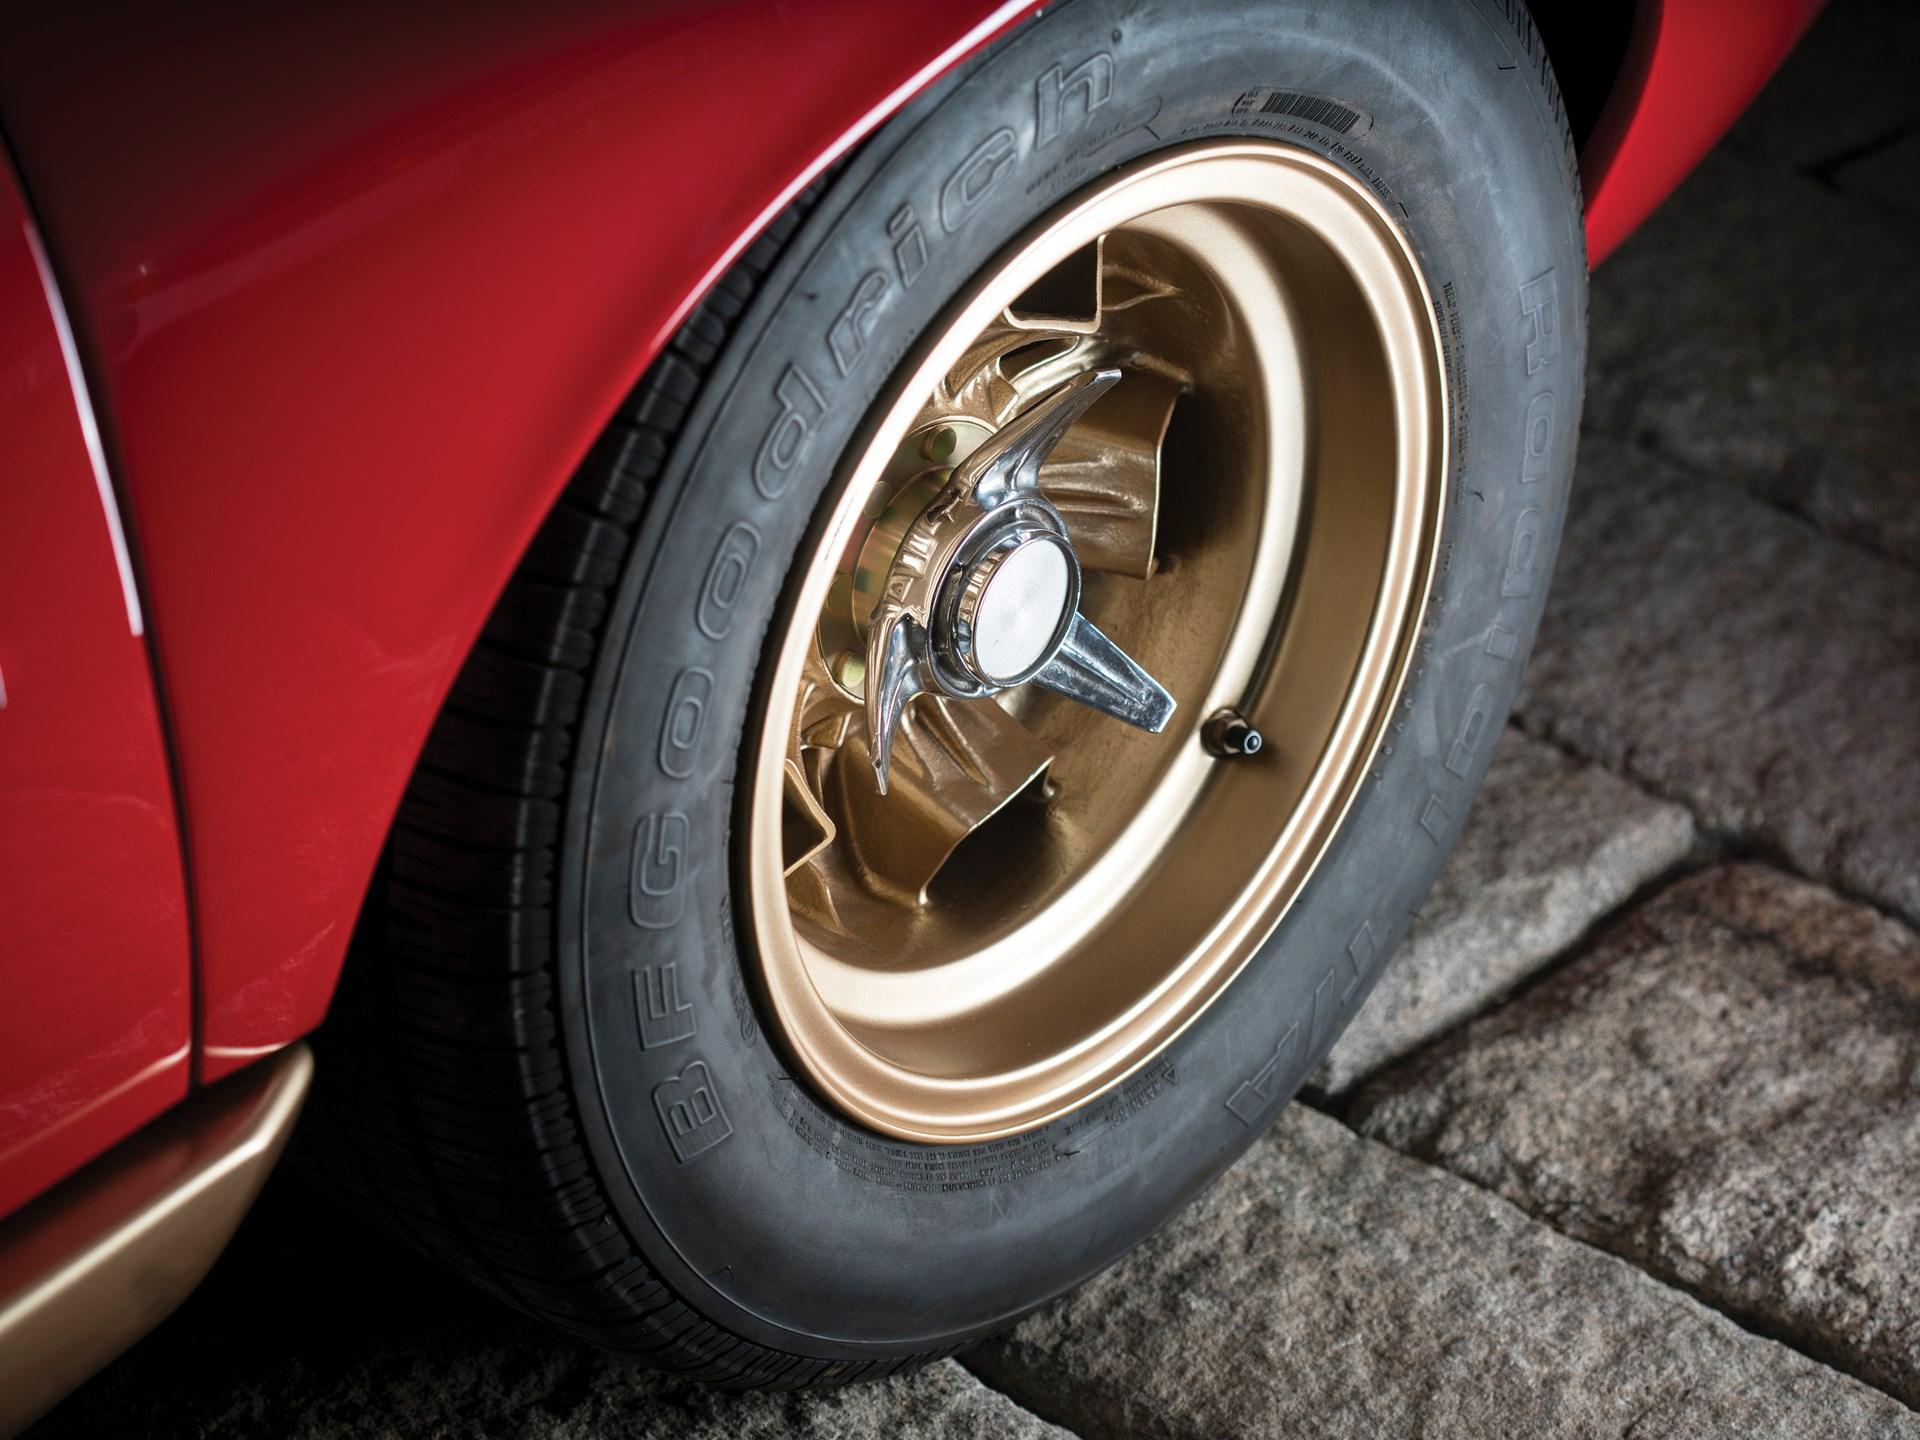 1971 Lamborghini Miura P400 SV by Bertone